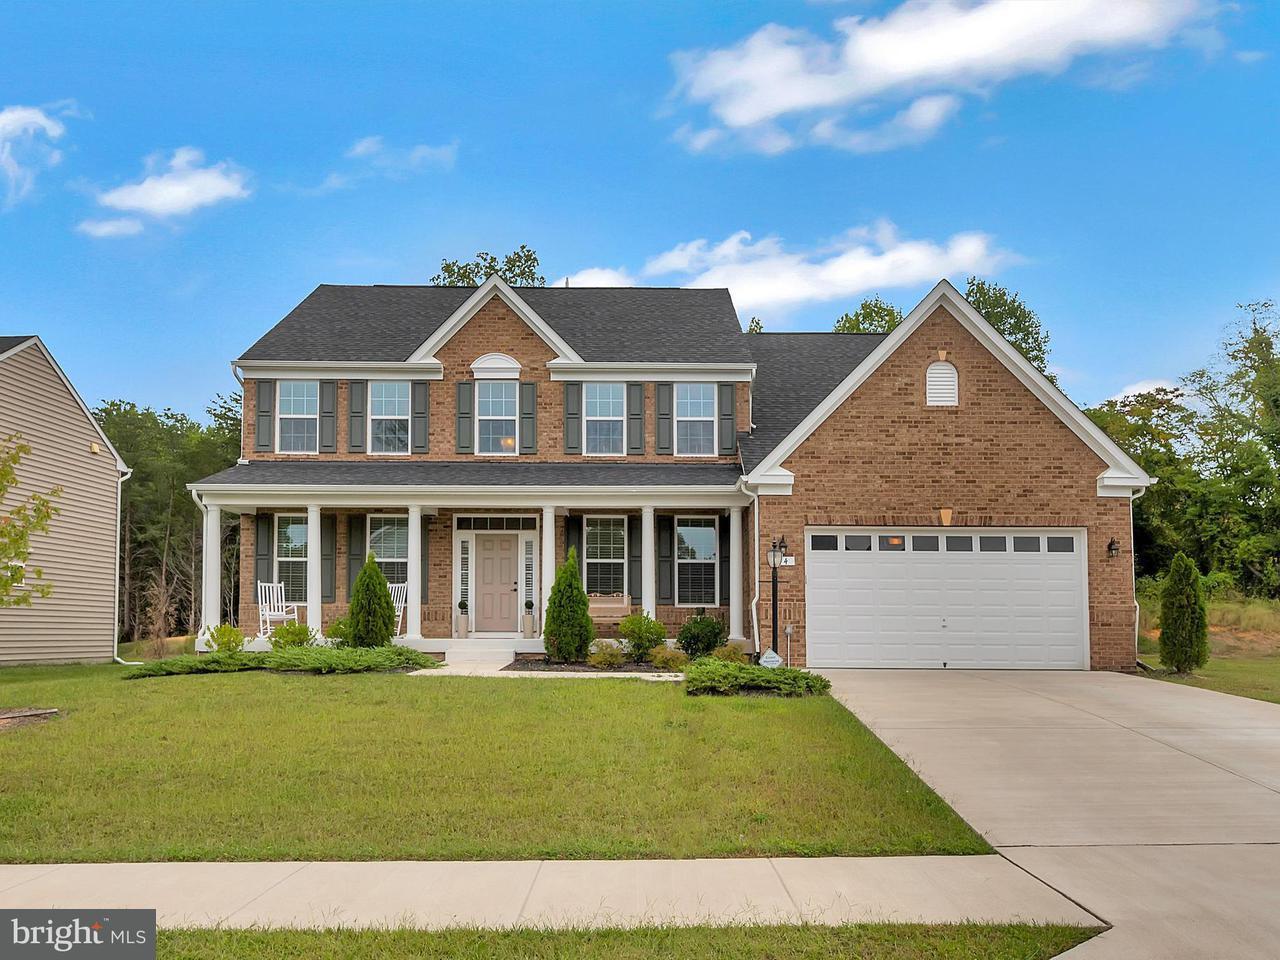 Casa Unifamiliar por un Venta en 14 LIBERTY KNOLLS Drive 14 LIBERTY KNOLLS Drive Stafford, Virginia 22554 Estados Unidos